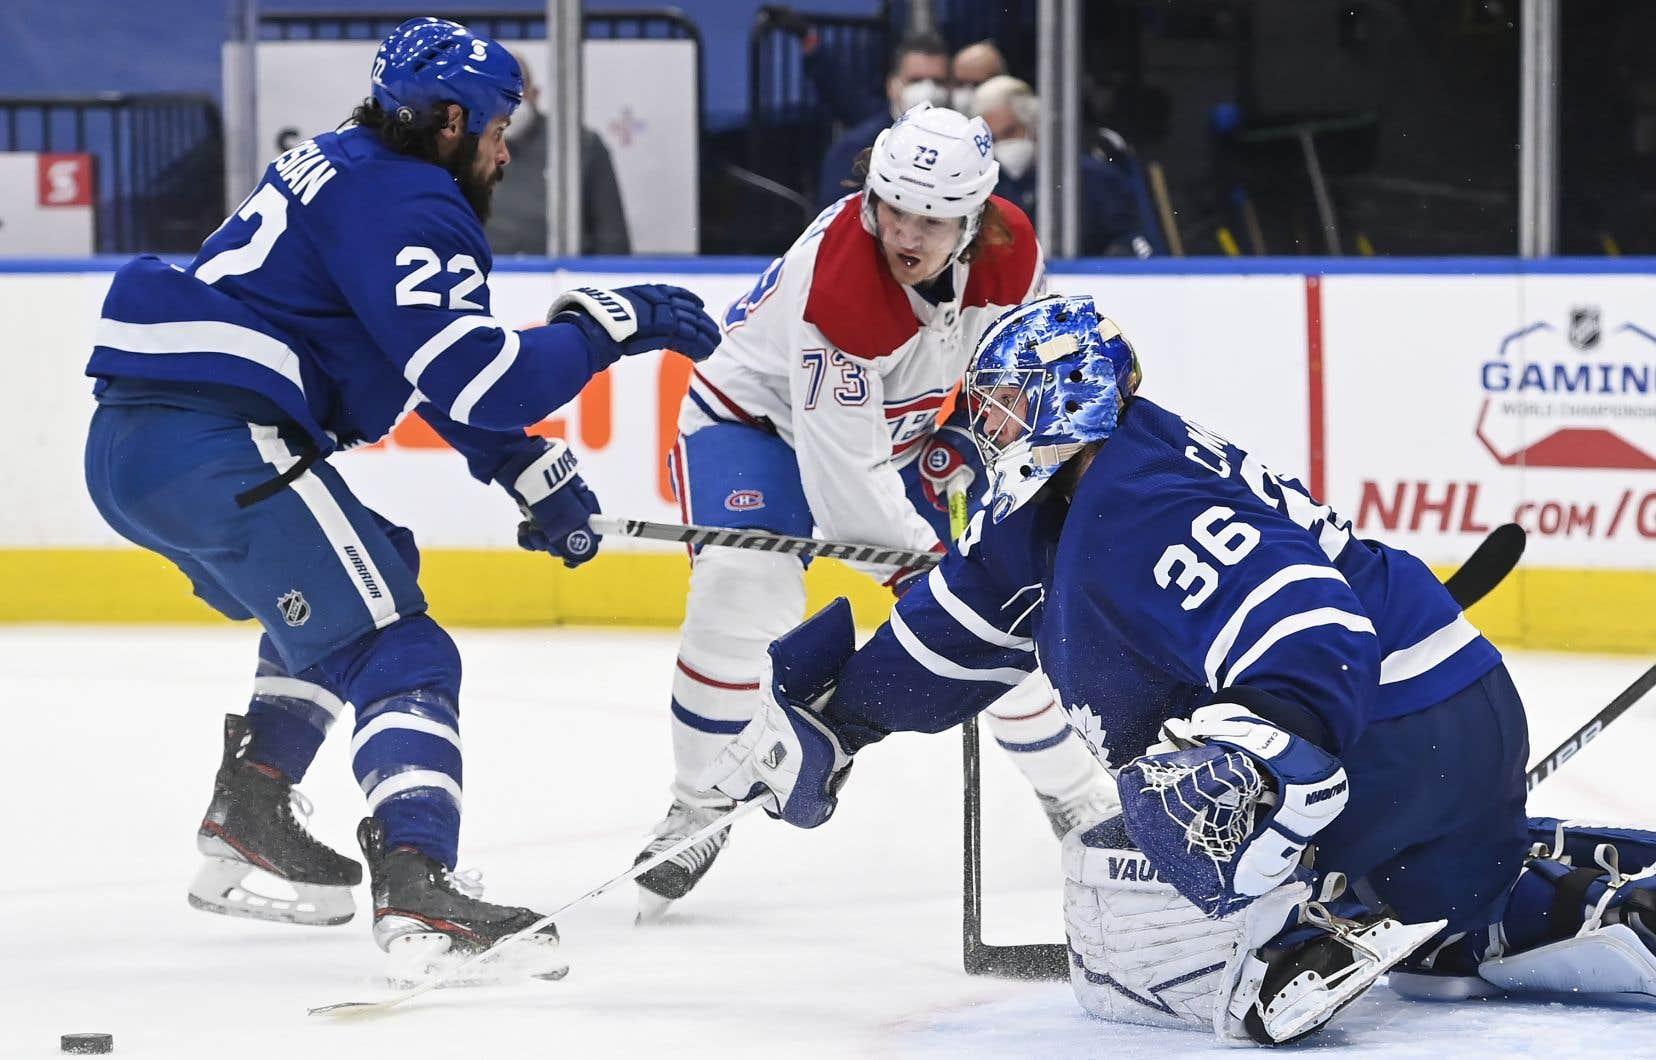 Les Maple Leafs de Toronto ont gagné sept de leurs dix matchs contre le Canadien de Montréal cette saison, grâce notamment à du meilleur travail en zone défensive que par le passé.